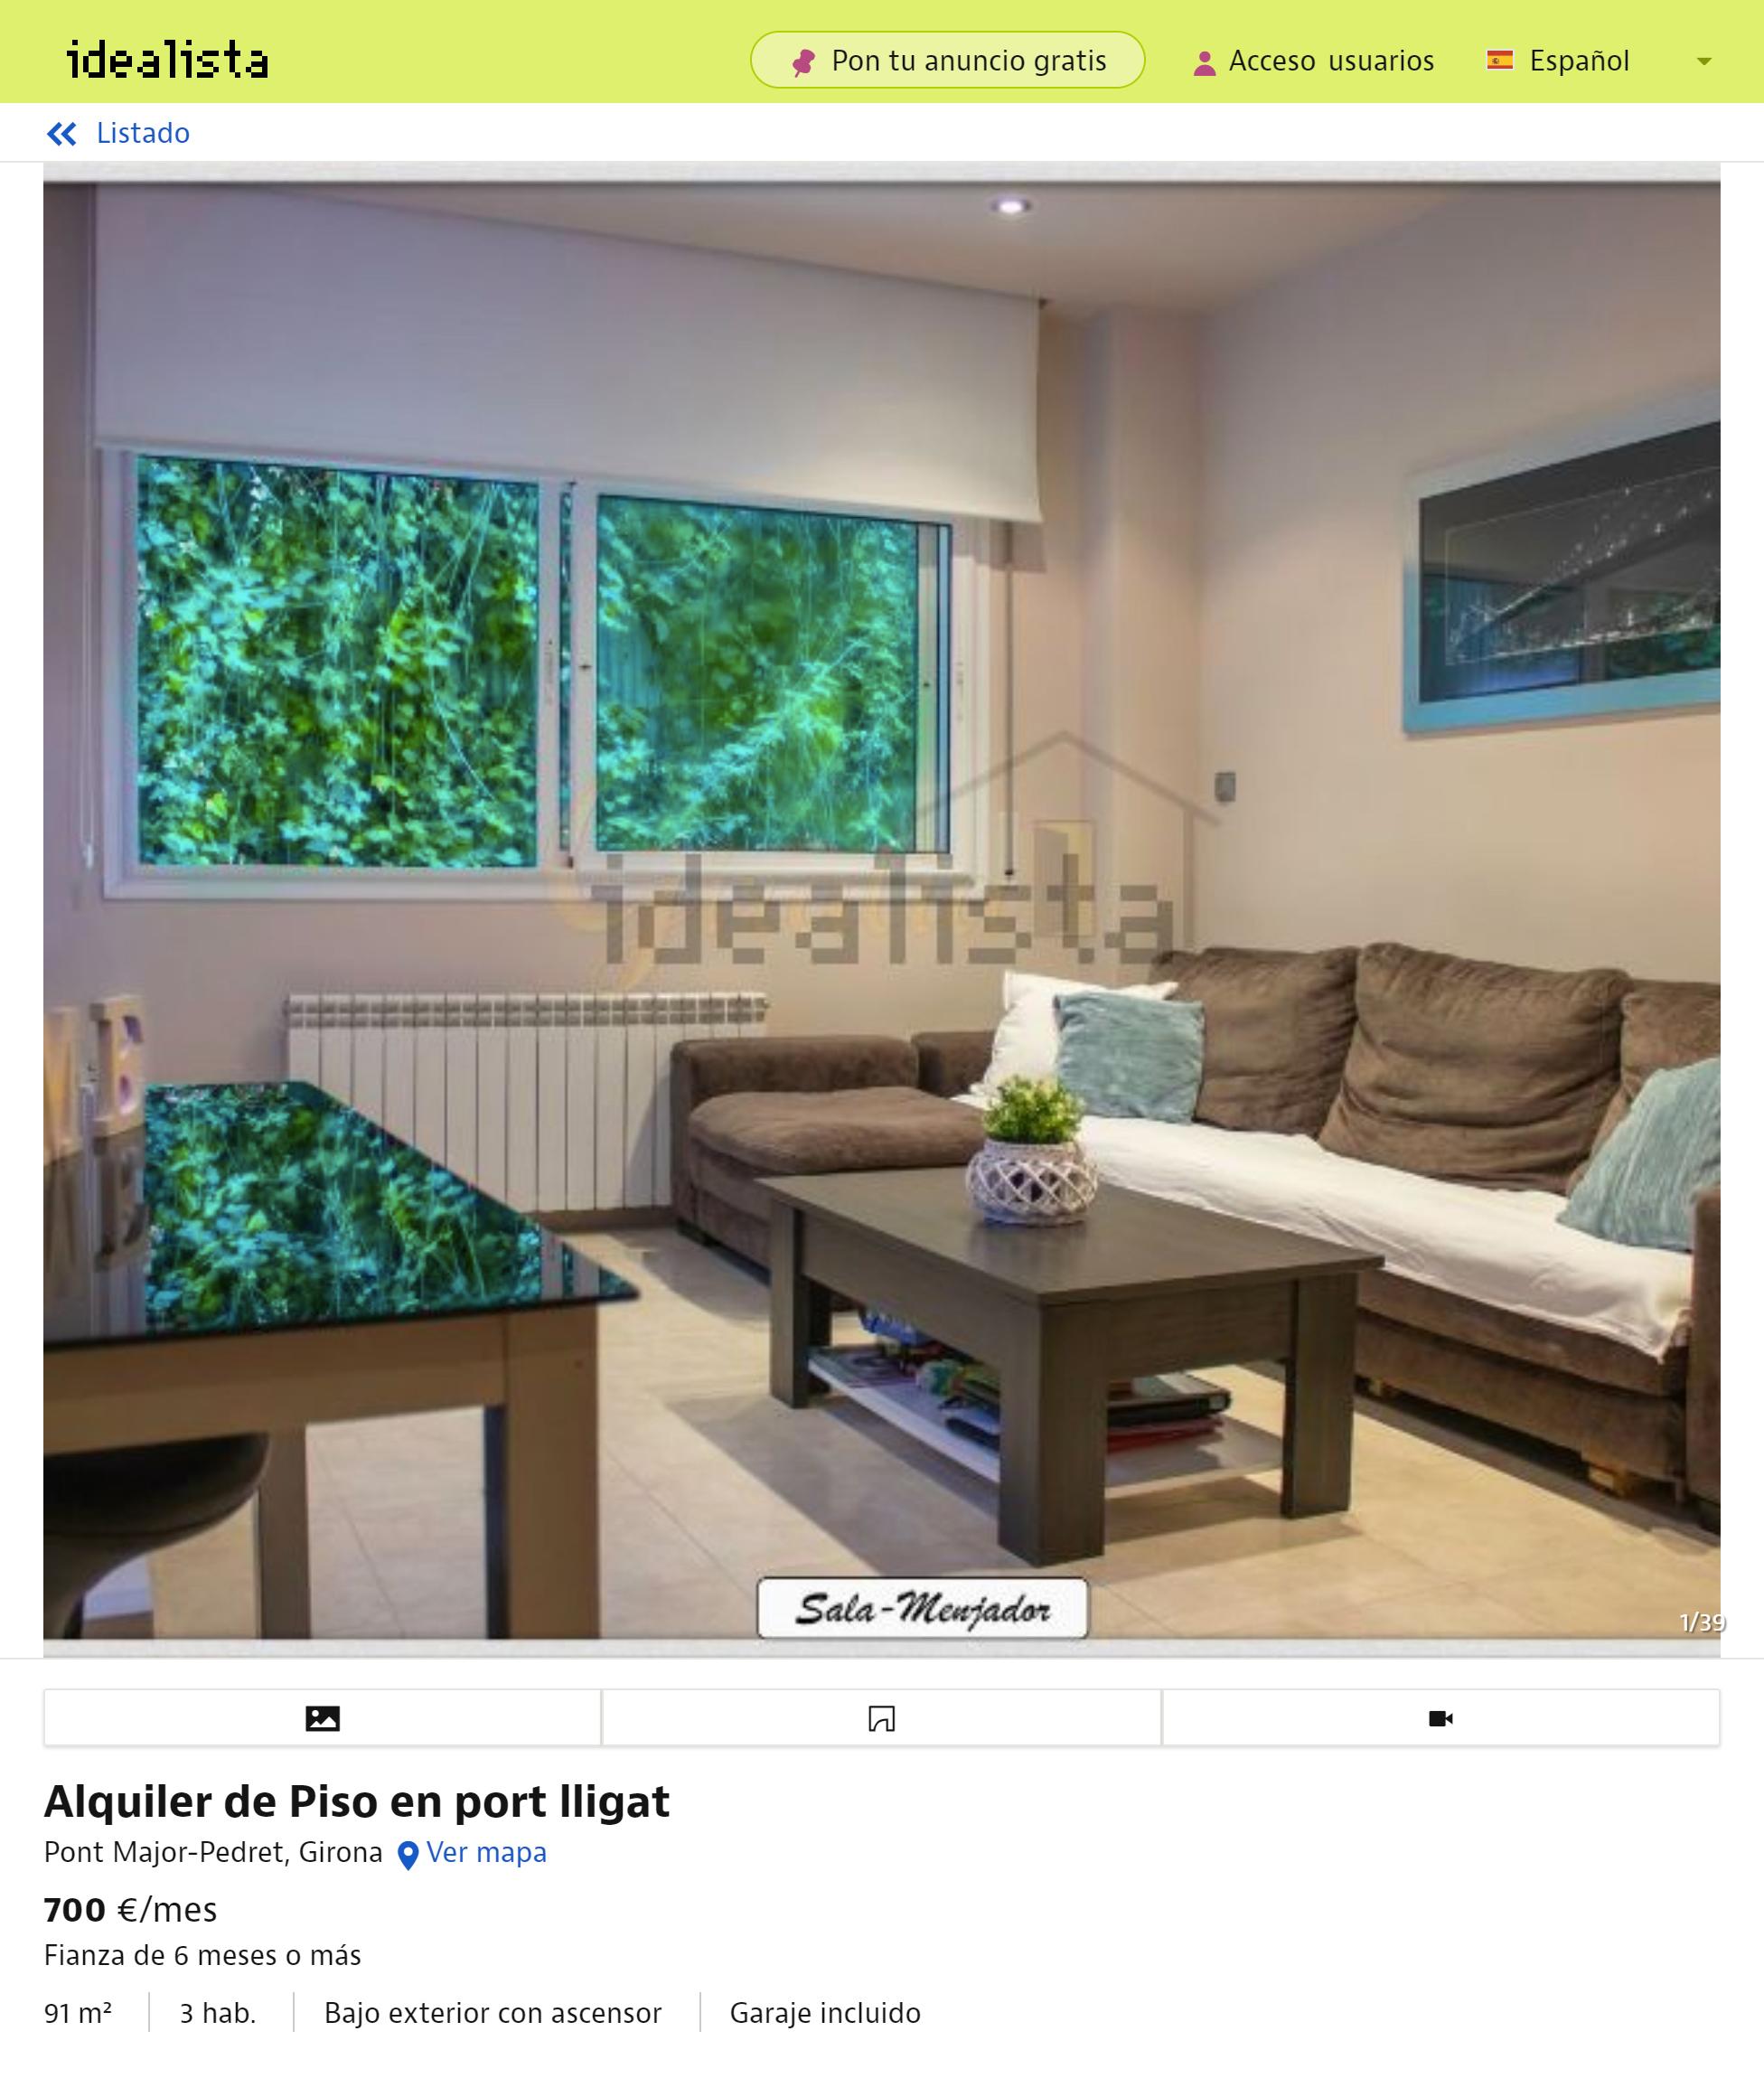 Квартира площадью 120м² с четырьмя спальнями в районе парка «Миждиа». Есть вся мебель. Стоимость — 1100€, парковочное место — плюс 140€ в месяц